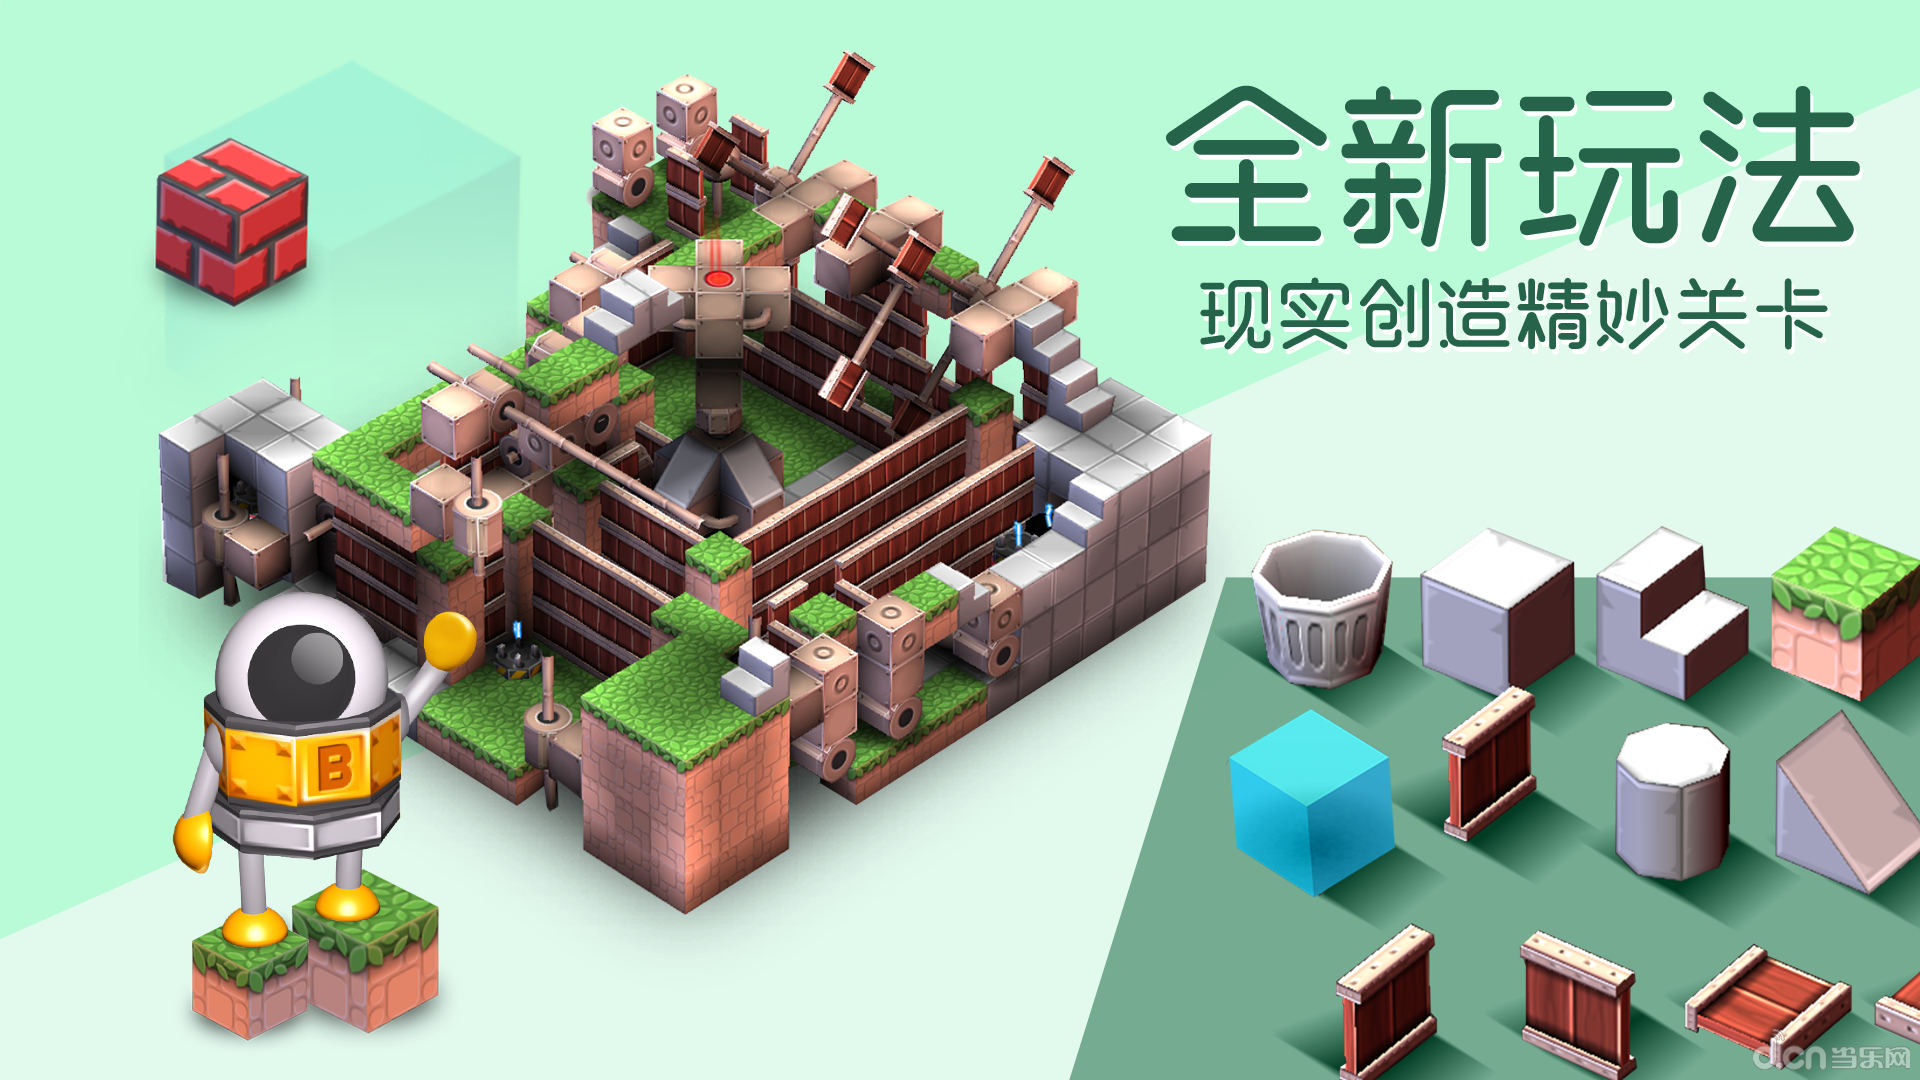 在以方块搭建的3d迷宫中,玩家要通过控制呆萌的机器人,闯过重重阻碍